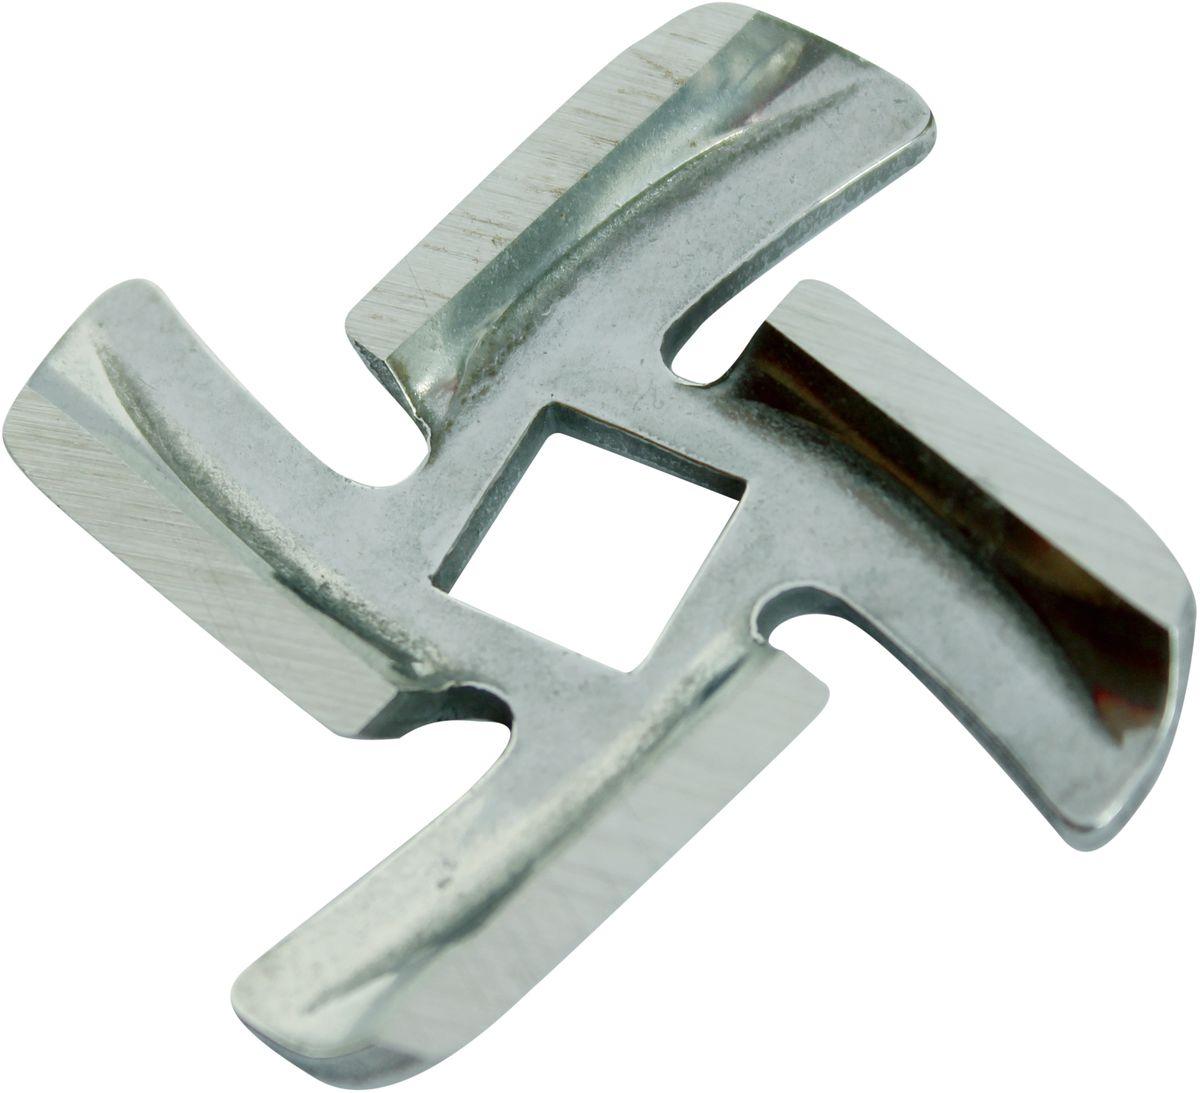 Euro Kitchen EUR-KNG Braun нож для мясорубкиEUR-KNG BRAUNНож Euro Kitchen EUR-KNG предназначен для работы с электрическими мясорубками Braun. Он с легкостью заменит фирменную деталь, не уступив ей по качеству и сроку службы. Высокая производительность и долгий срок службы современных электрических и ручных мясорубок зависят, в первую очередь, от режущих механизмов и их выработки. Своевременная профилактика и замена режущих и вспомогательных элементов способствуют уменьшению нагрузки на узлы и другие механизмы, гарантируя долгую и качественную работу вашей мясорубки.